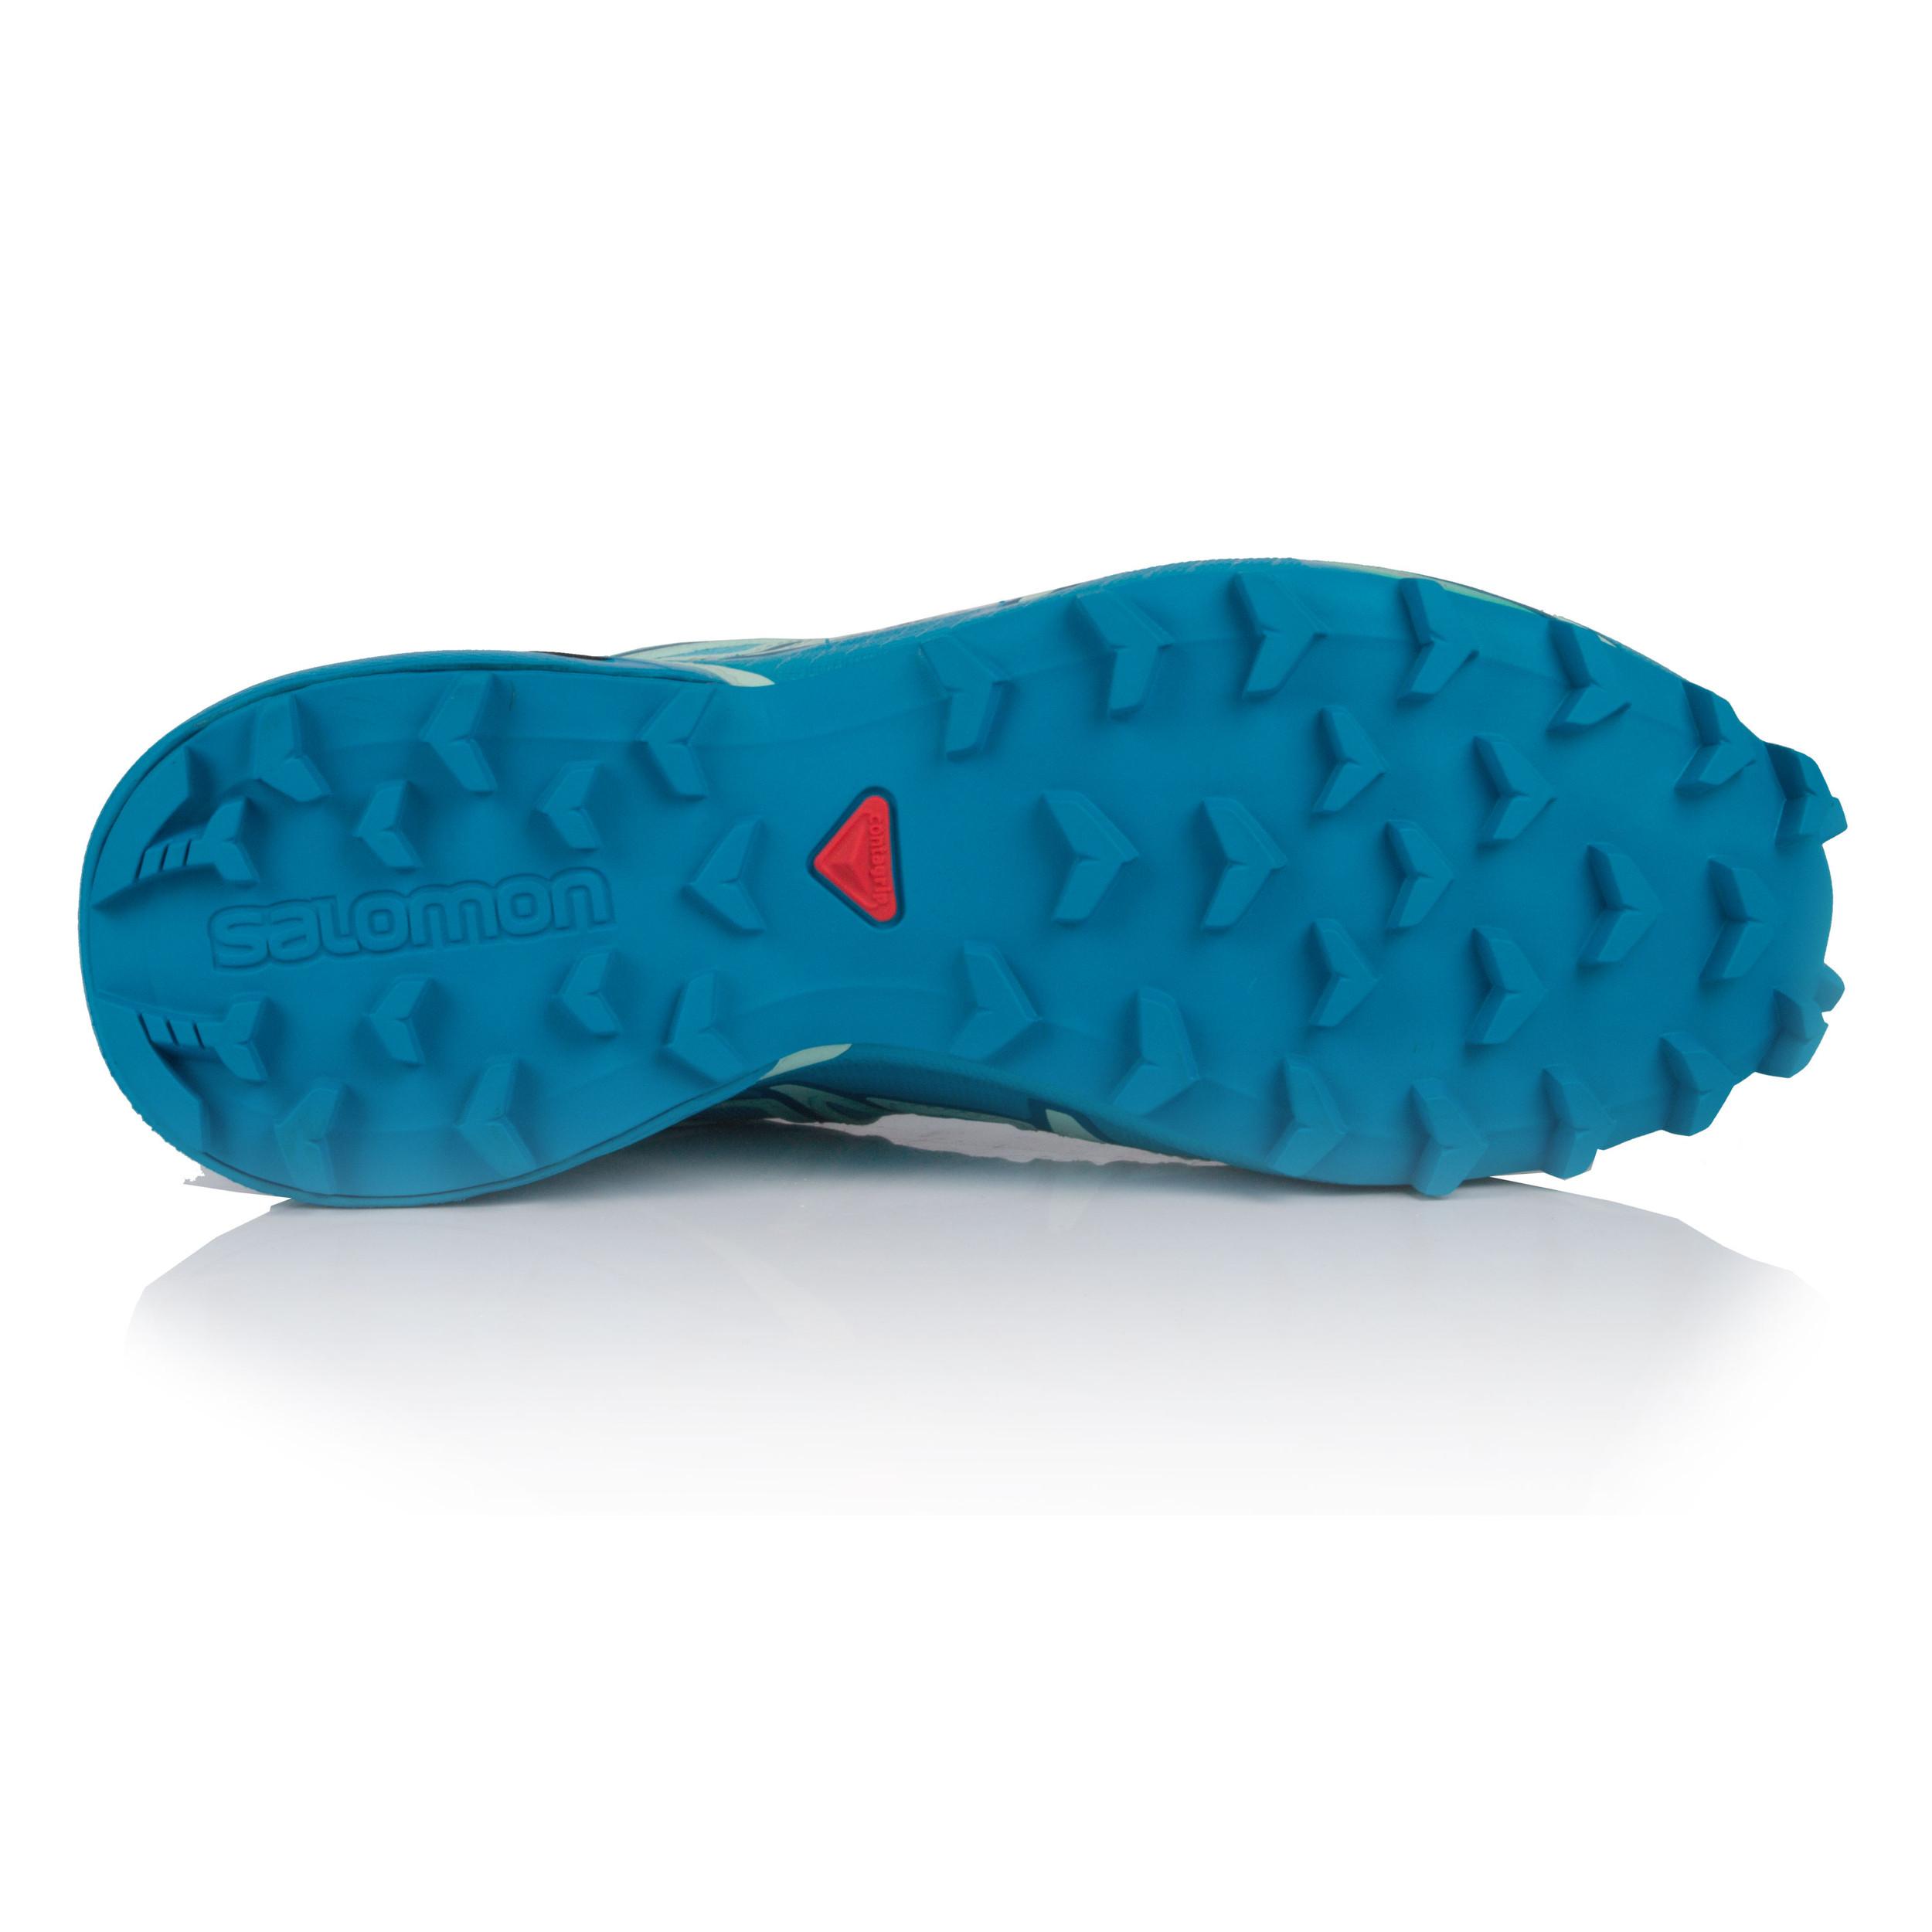 Salomon Damen SPEEDCROSS 4 GORE-TEX GORE-TEX GORE-TEX Trail Jogging Sport Schuhe Laufschuhe Blau 6cc0f9